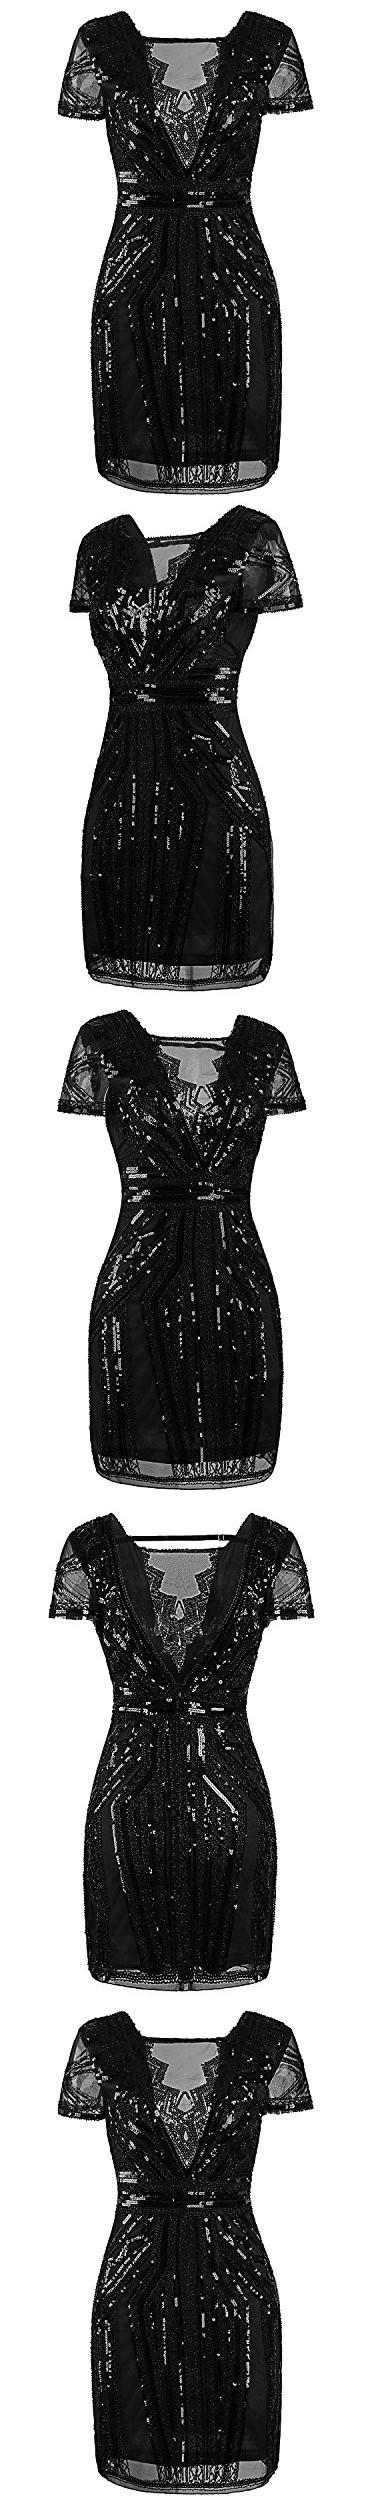 Vijiv s short prom dresses sequins embellished night out